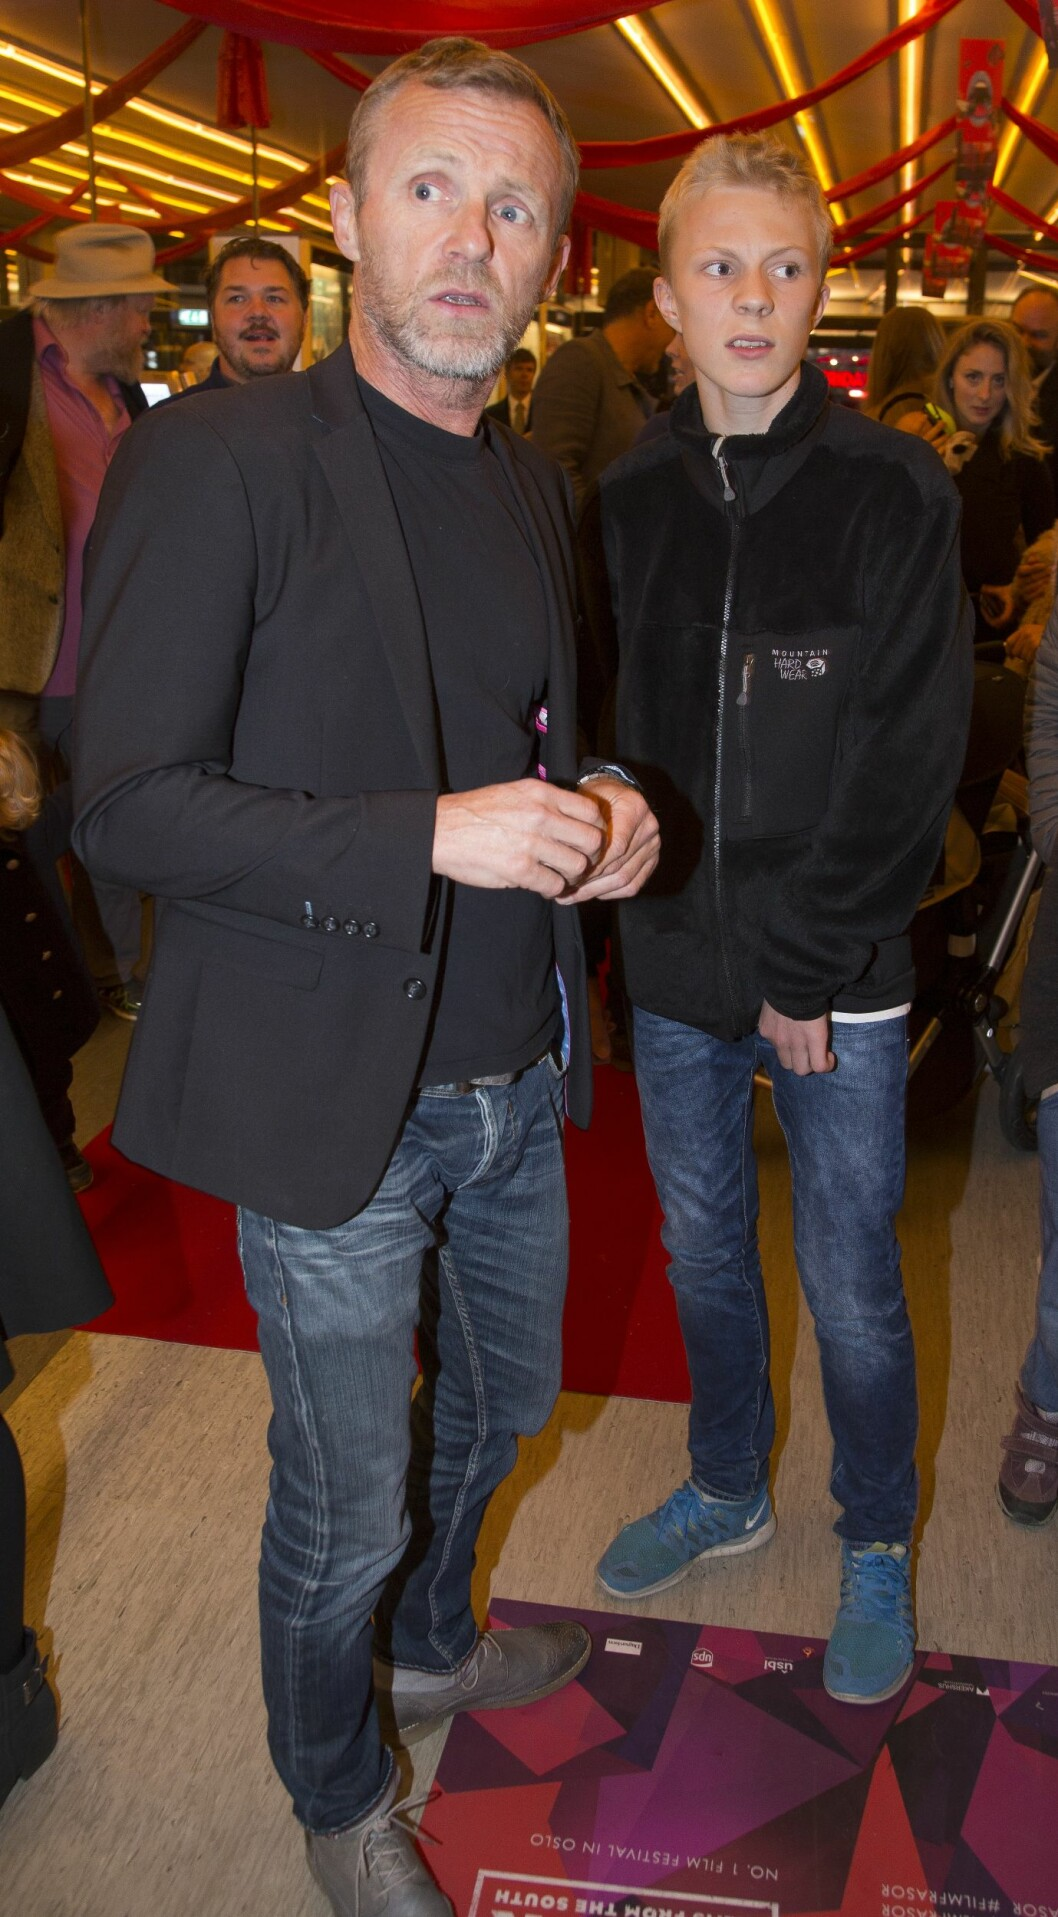 DOKTOR PROKTOR: Forfatter av bøkene, Jo Nesbø, og en gjest. Foto: Tore Skaar/Se og Hør